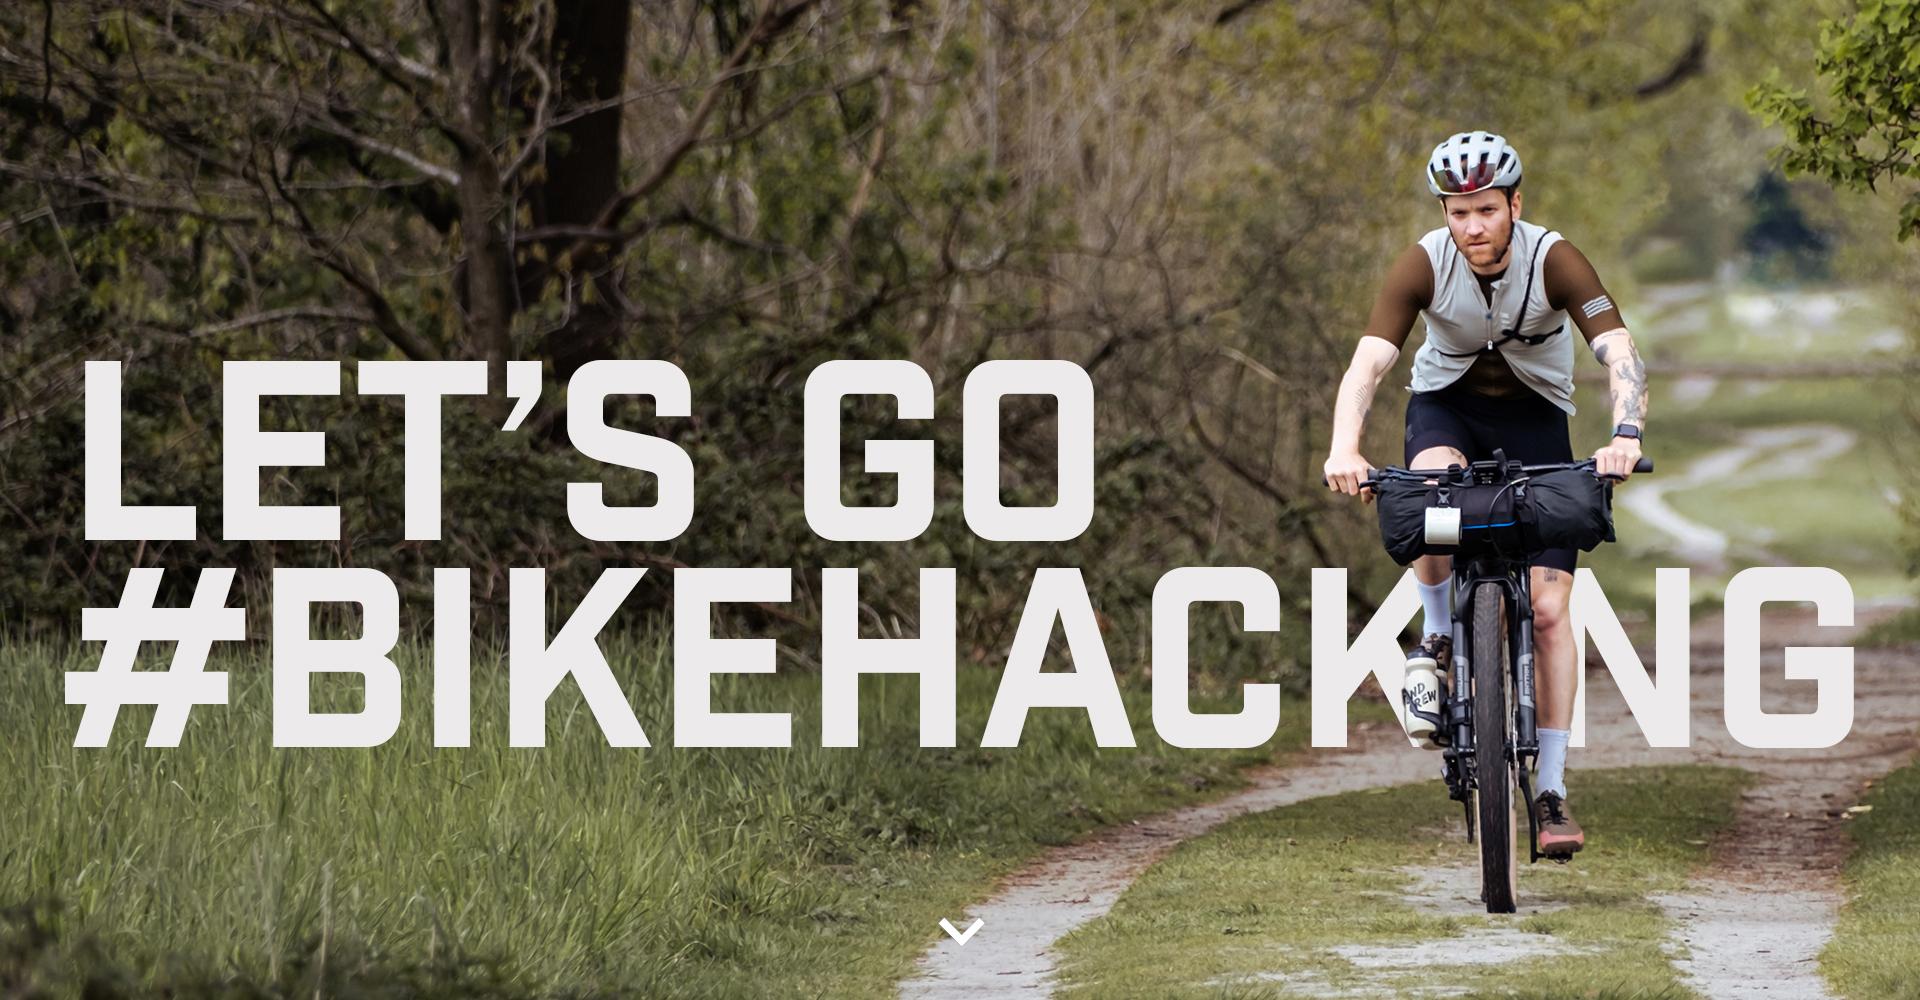 LET'S GO #BIKEHACKING